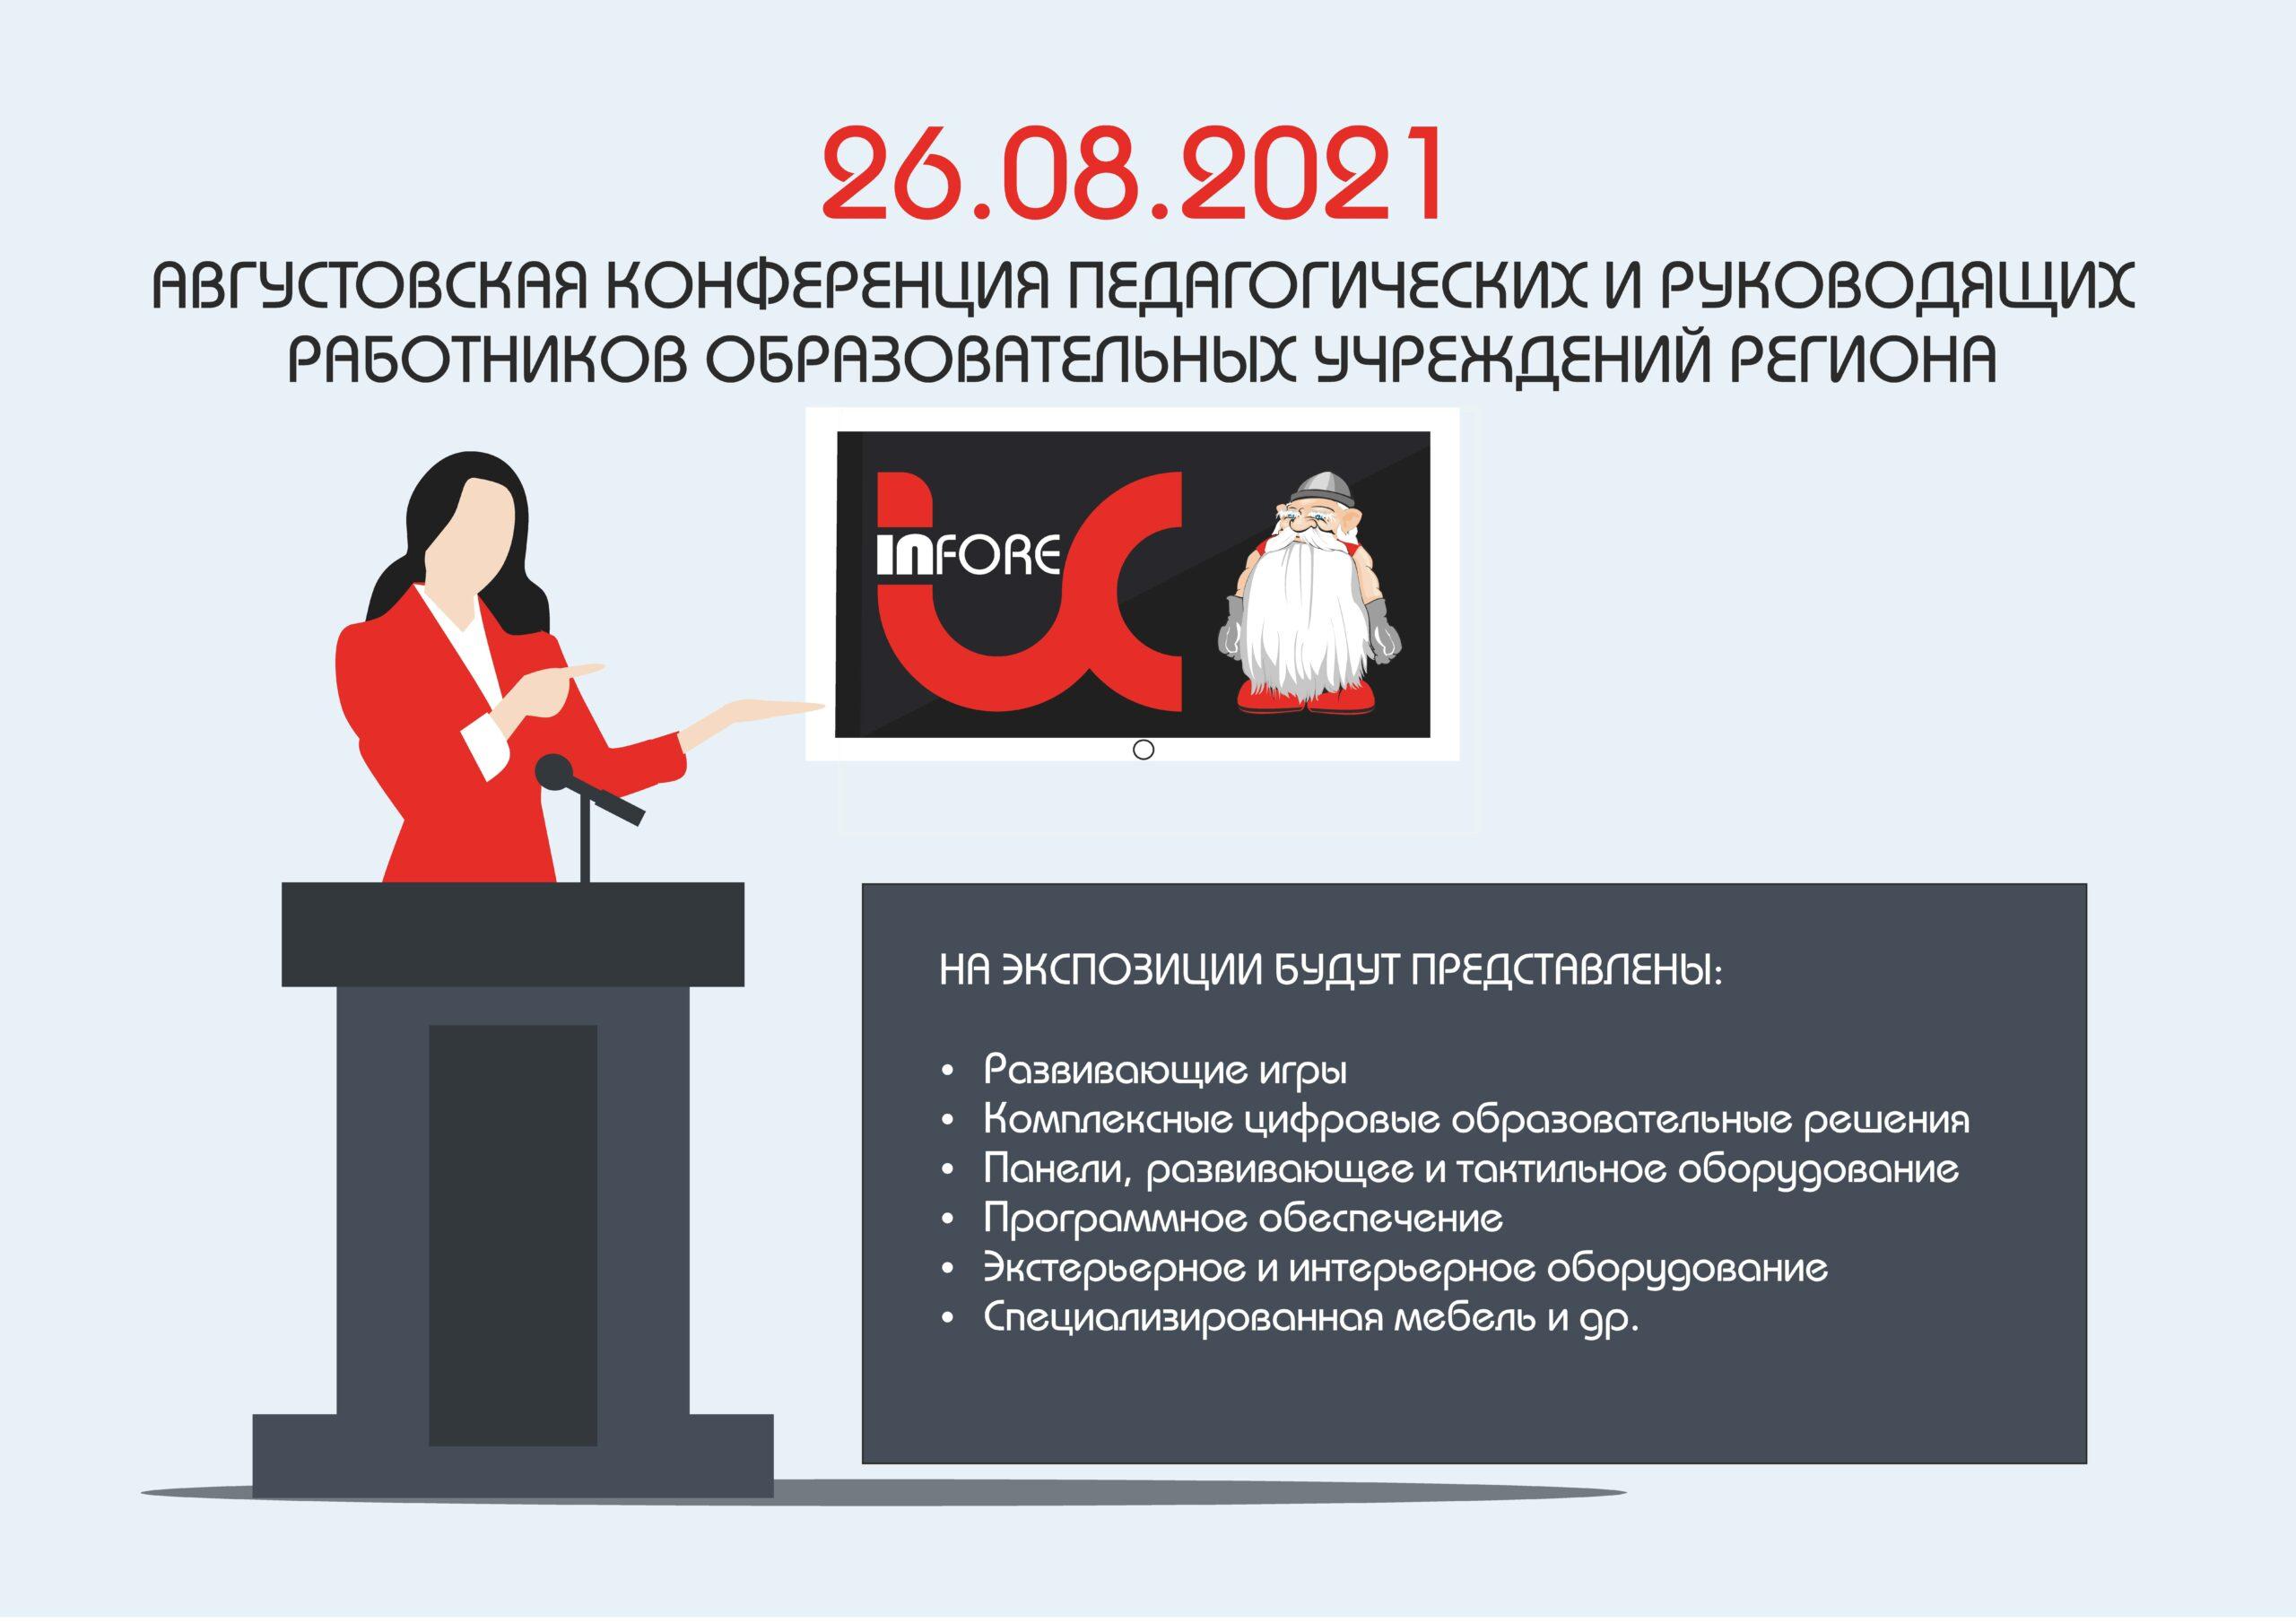 26 августа 2021 года состоится конференция педагогической общественности Белгородской области